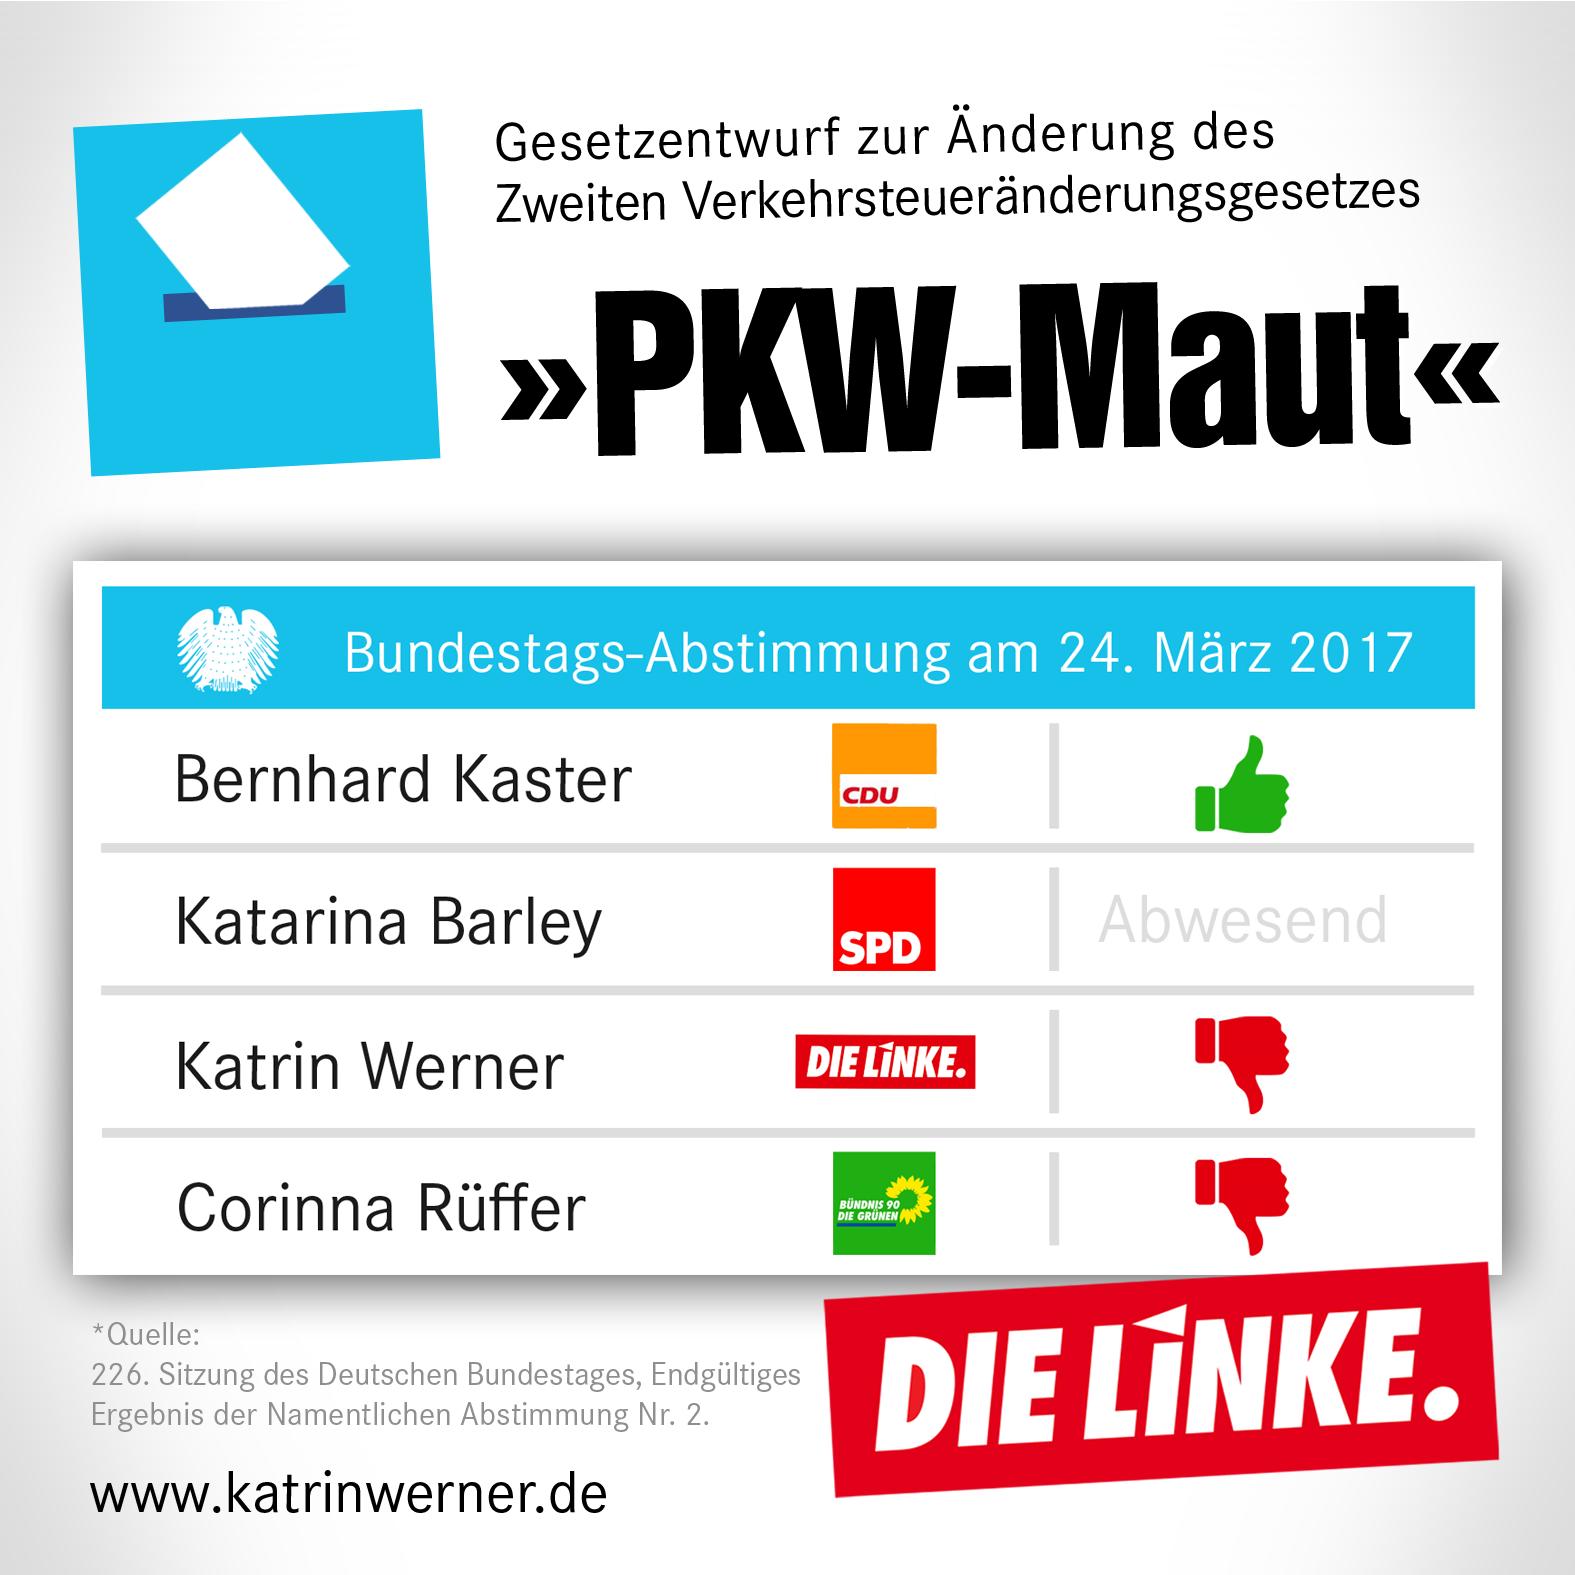 Abstimmungsverhalten der Abgeordneten aus dem Wahlkreis Trier. Bernhard Kaster (CDU): Ja. Katarina Barley (SPD): Nicht abgestimmt. Katrin Werner (DIE LINKE.) Nein. Corinna Rüffer (Grüne): Nein.